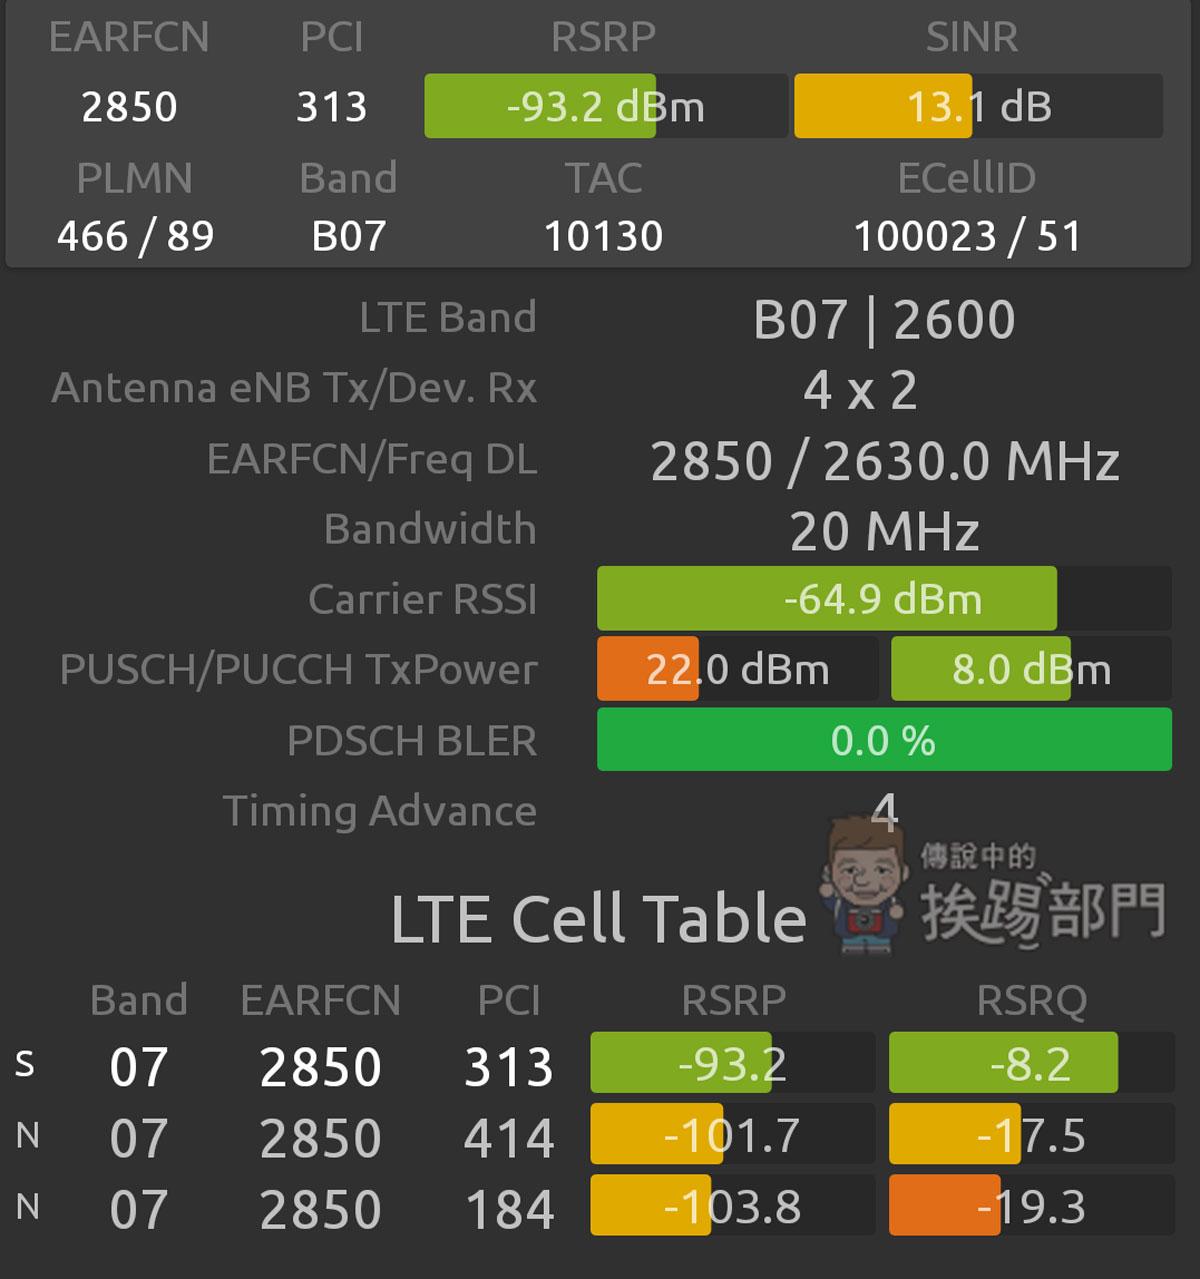 功能強大!可即時監控Android手機4G LTE頻段的好工具 - 網路訊號大師 - 傳說中的挨踢部門